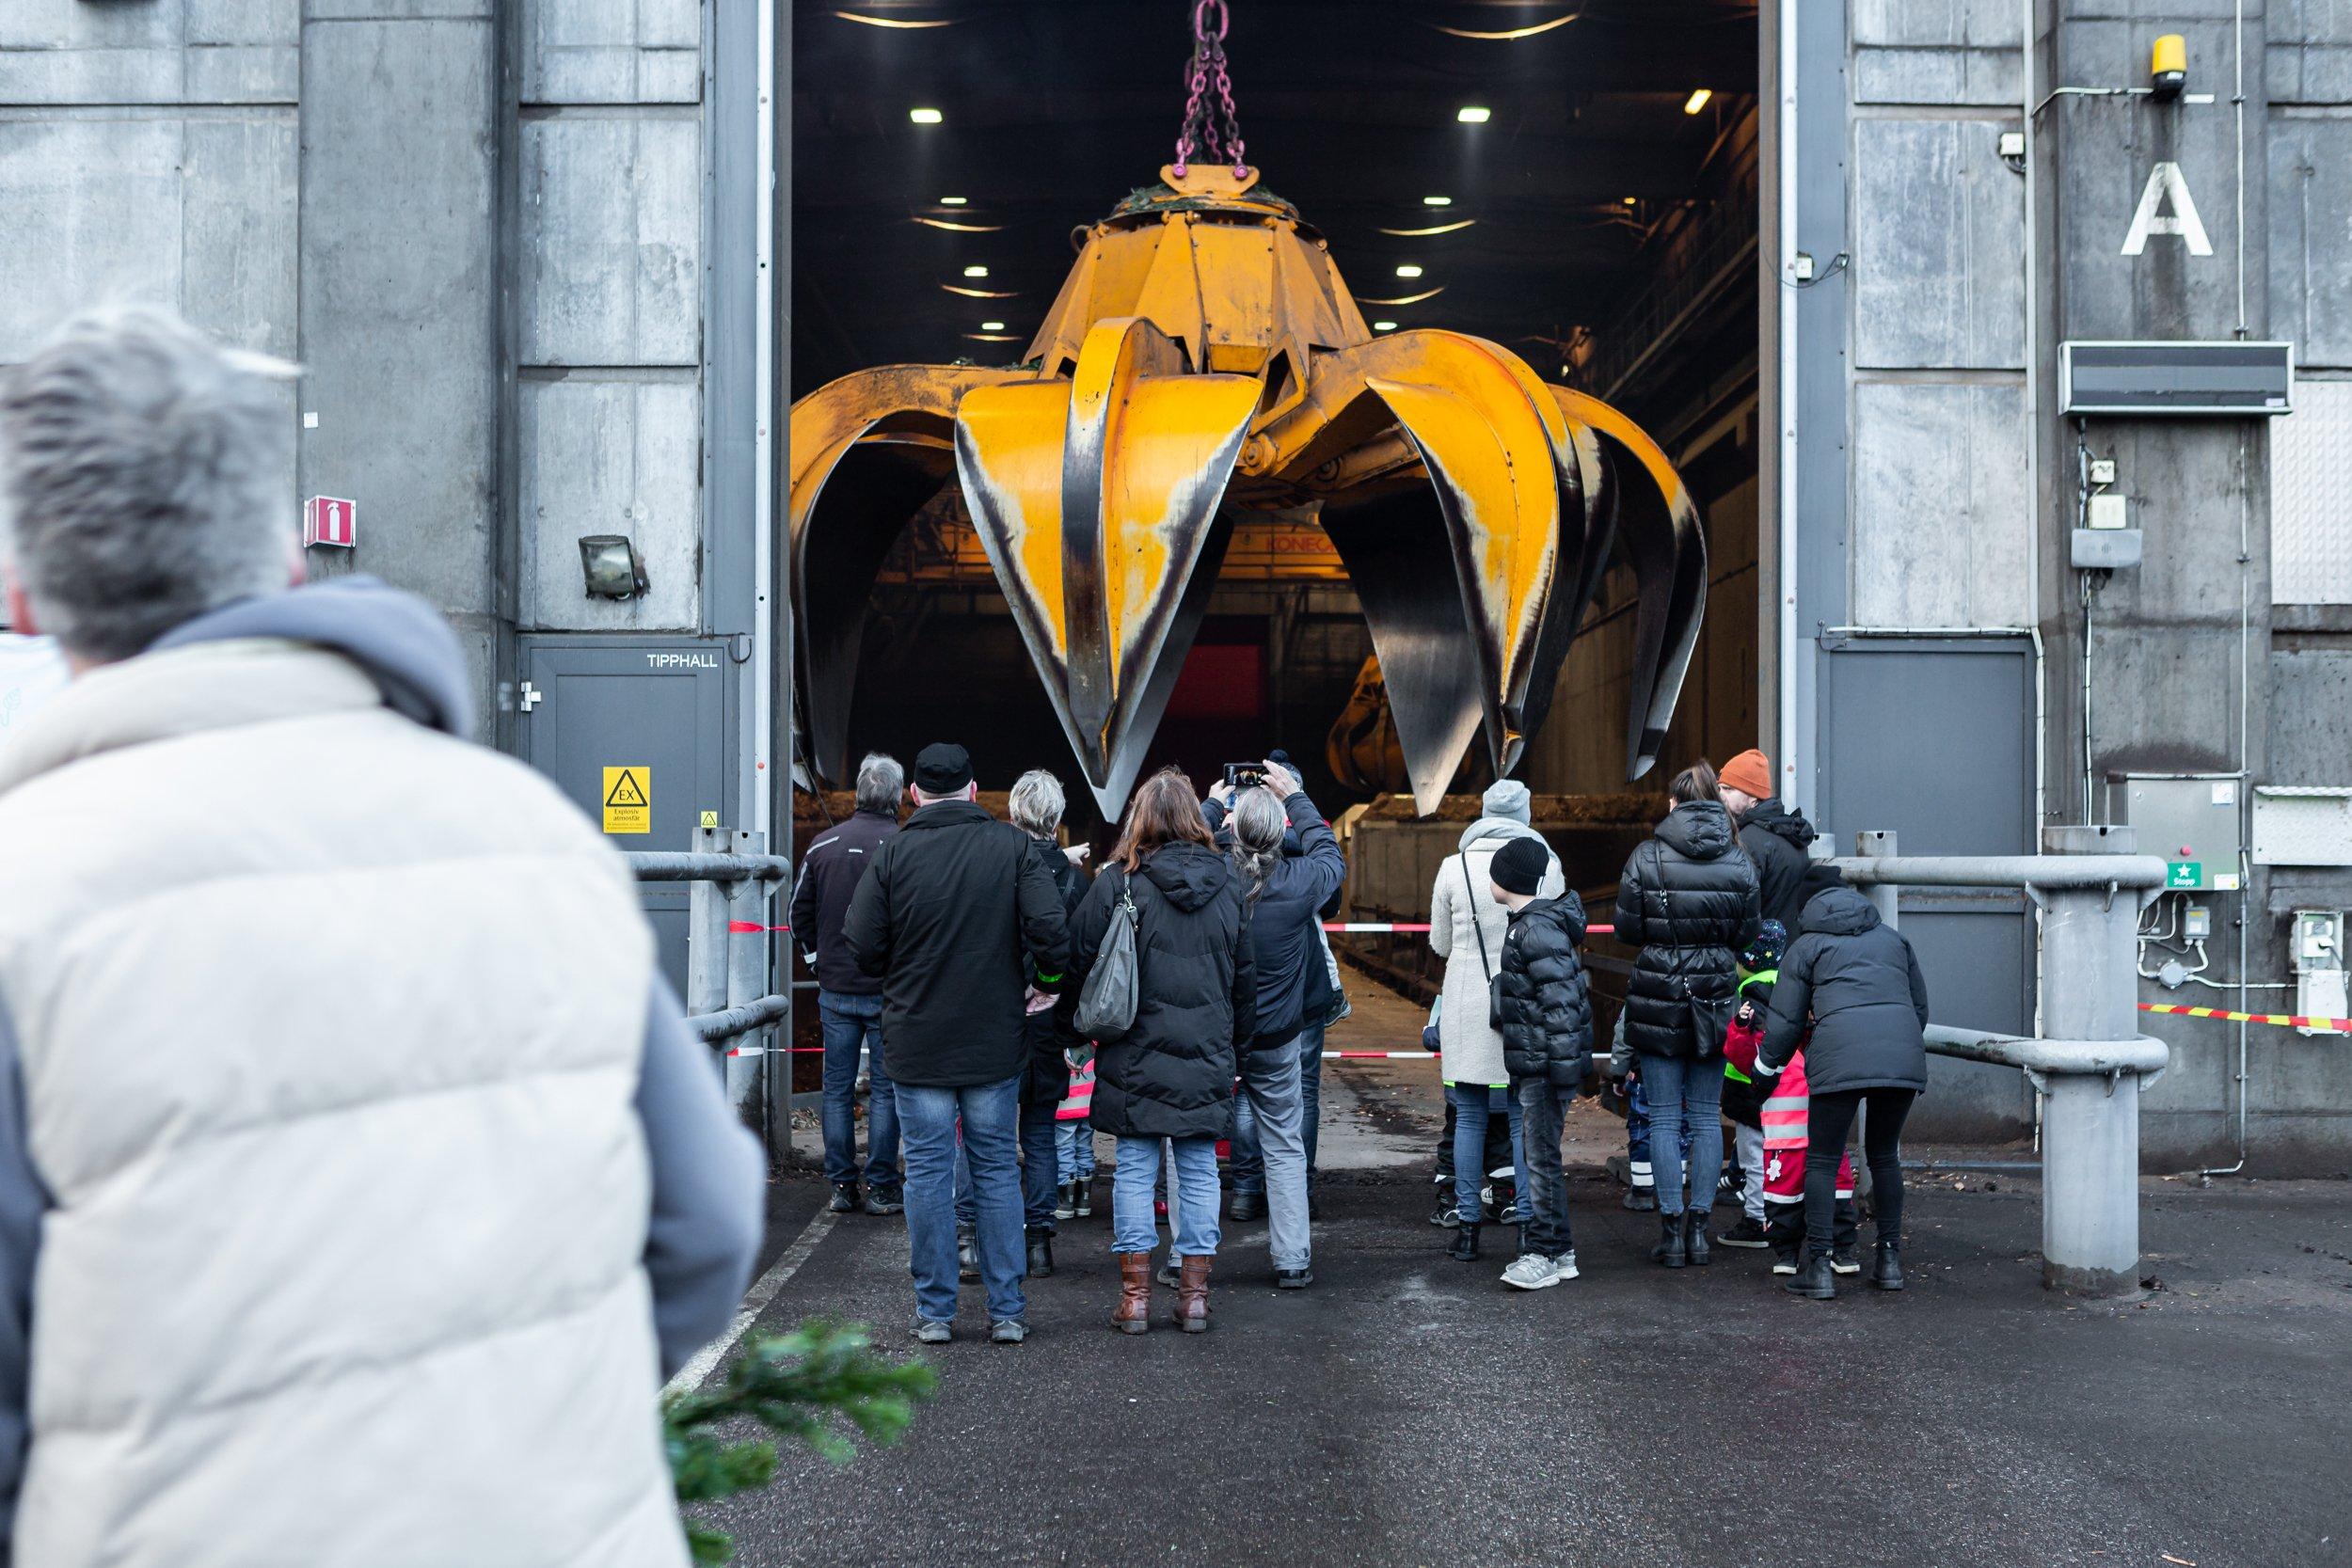 Julgransplundring_2020_Molndal_Energi_Klo och besokare_fotoSkvaderMedia